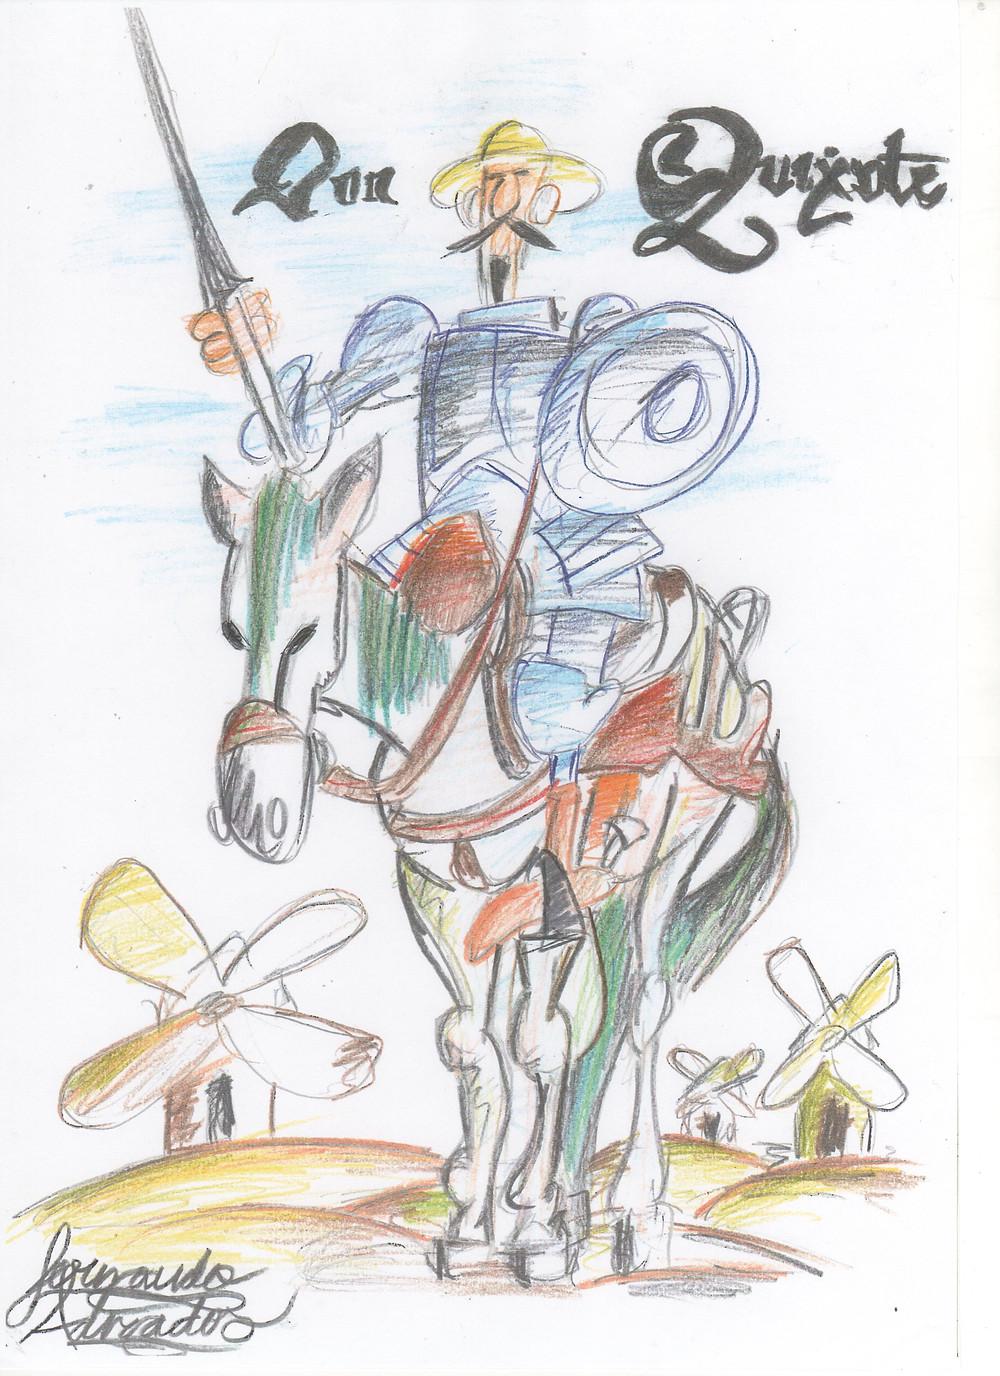 Fotocopia del dibujo original del alumno Fernando Adrados (inspirado en Mingote).